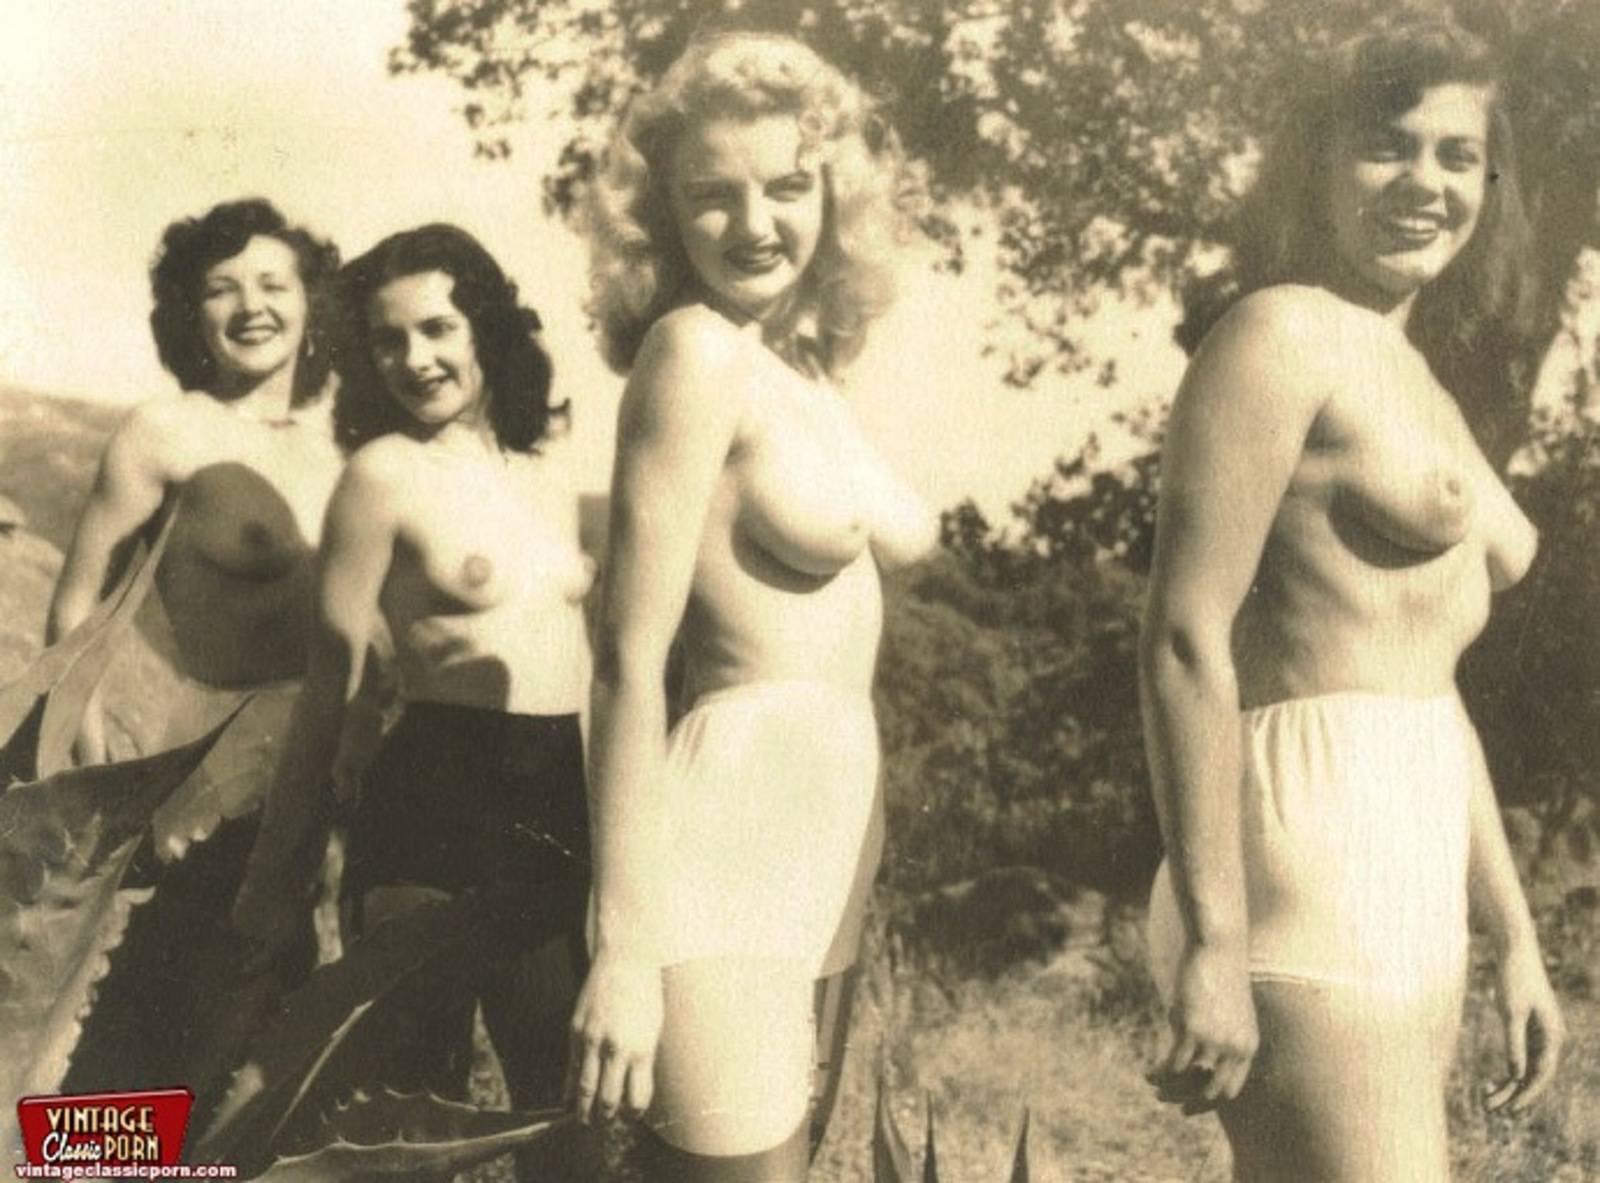 Эротика 70х ссср, Эротические фото 60-70х годов 5 фотография